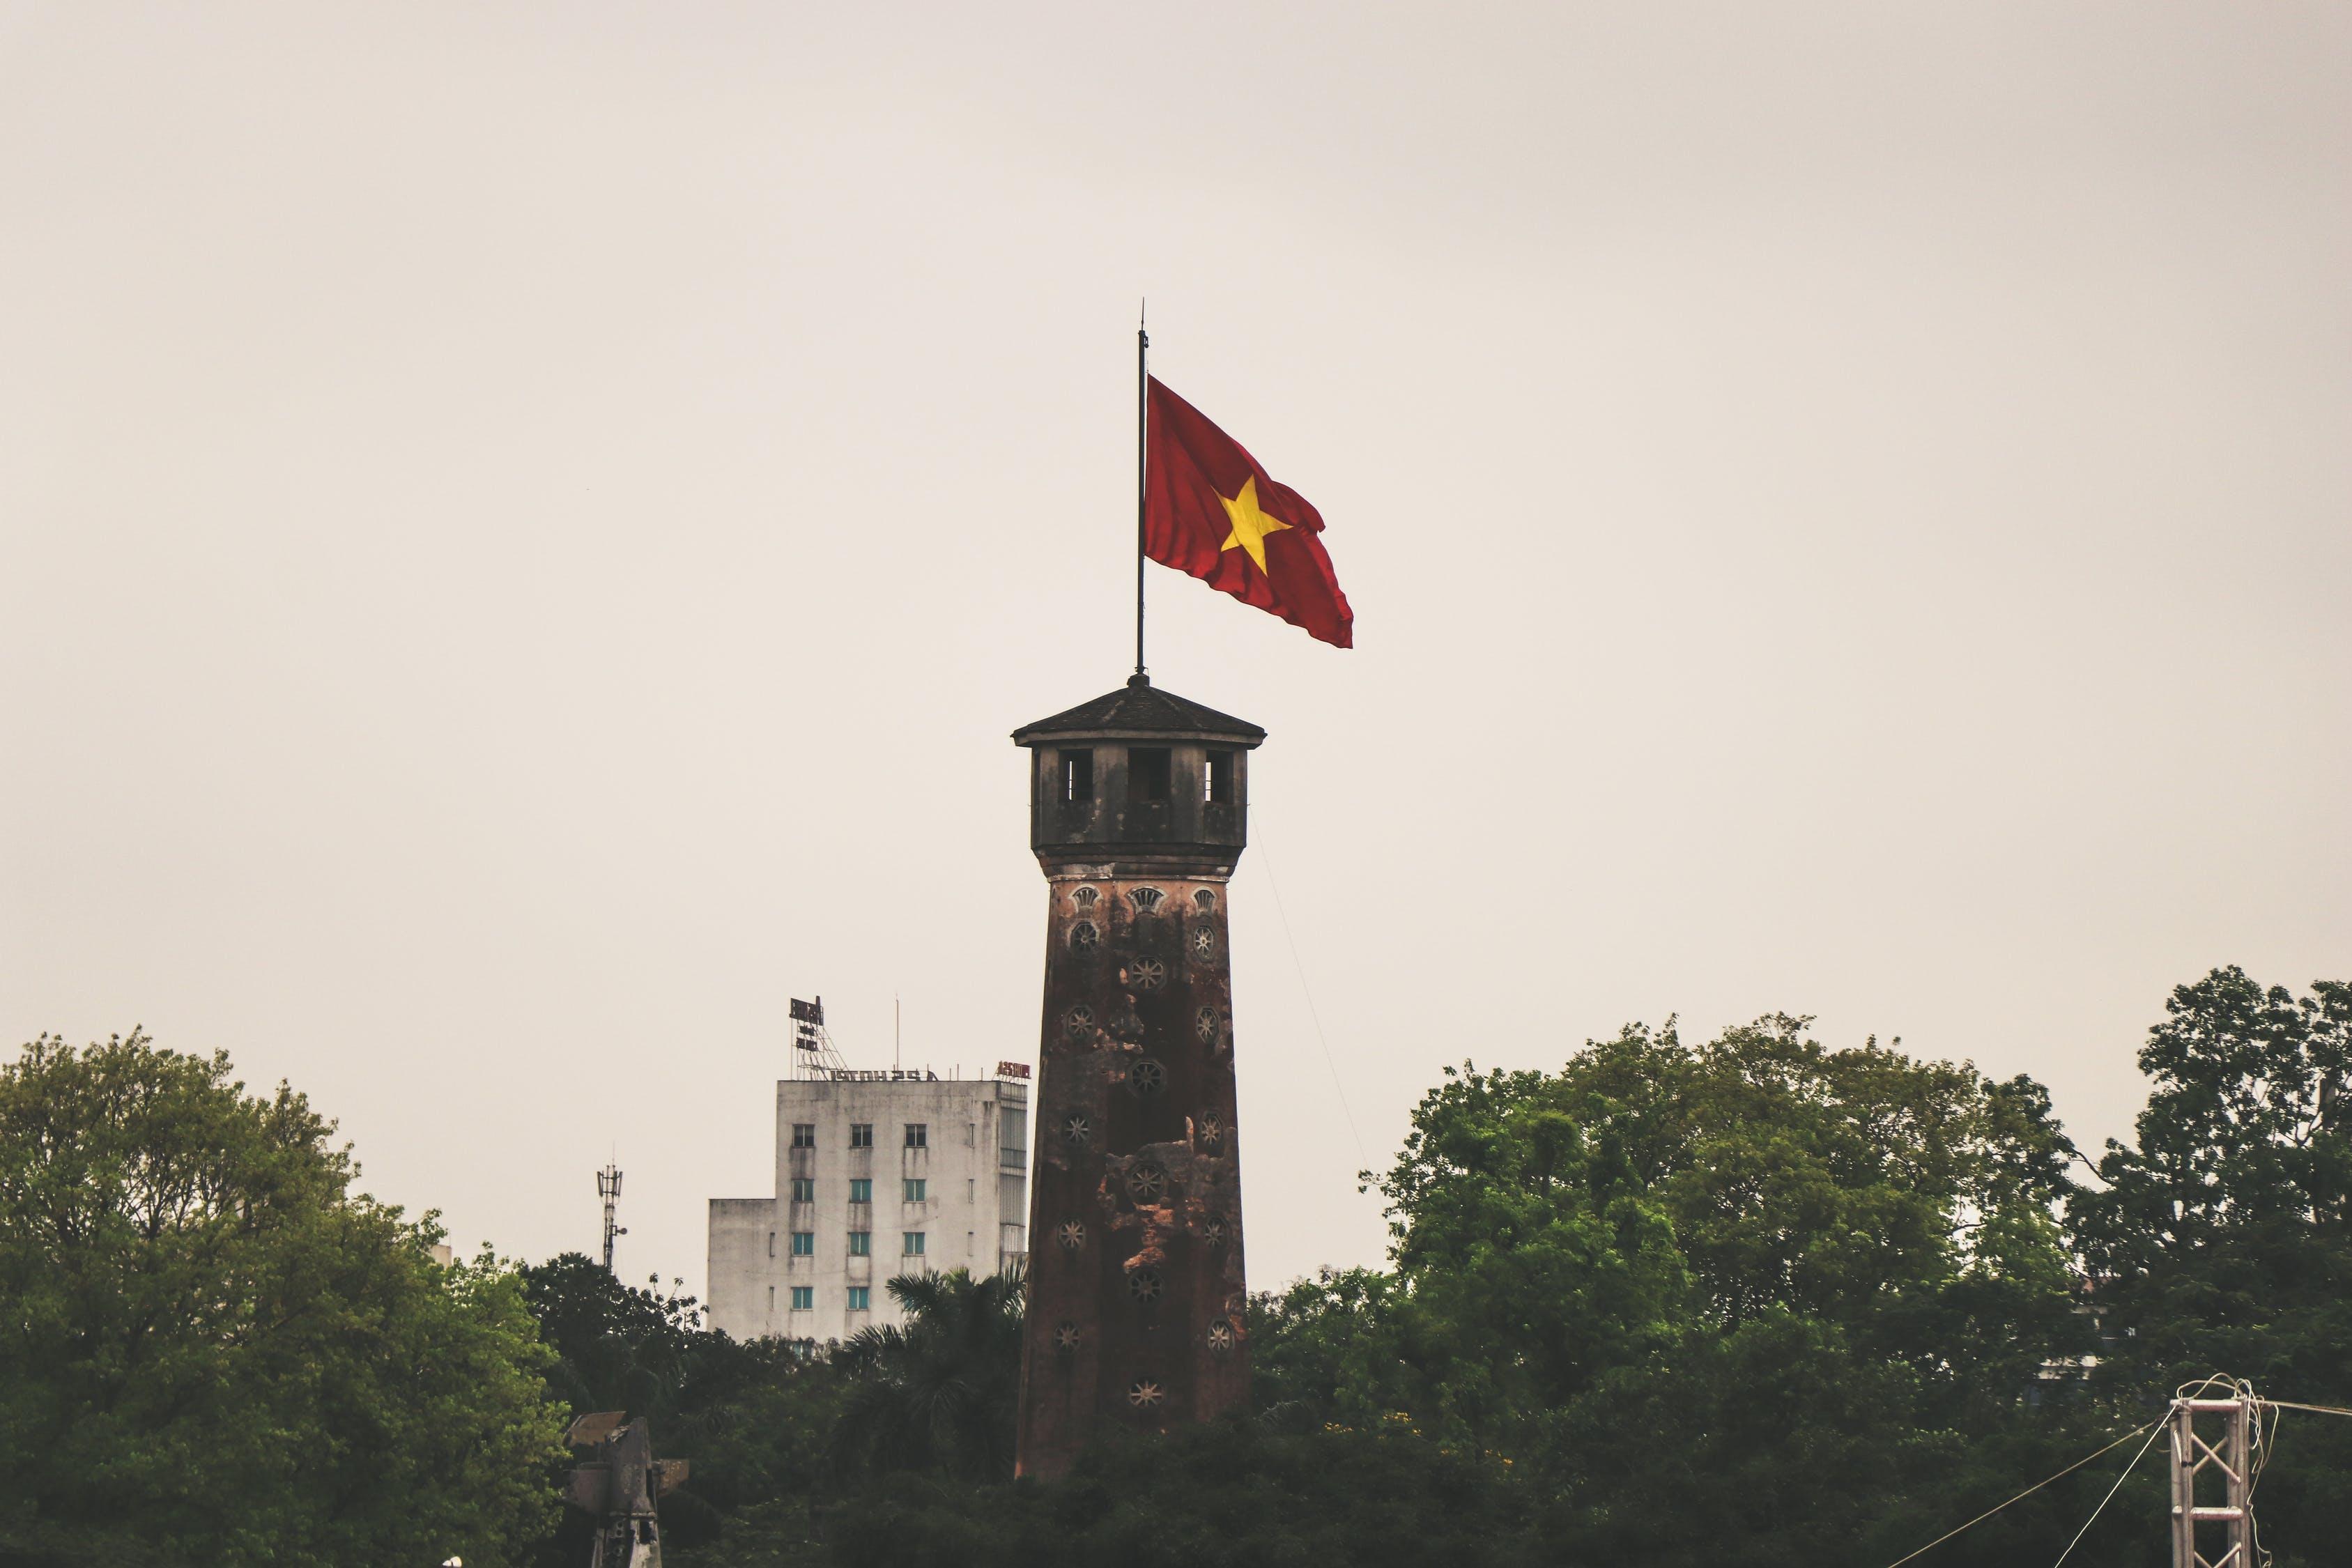 Lịch sử Hà Nội - thủ đô ngàn năm văn hiến ghi dấu bao biến cố thăng trầm   - Ảnh 8.